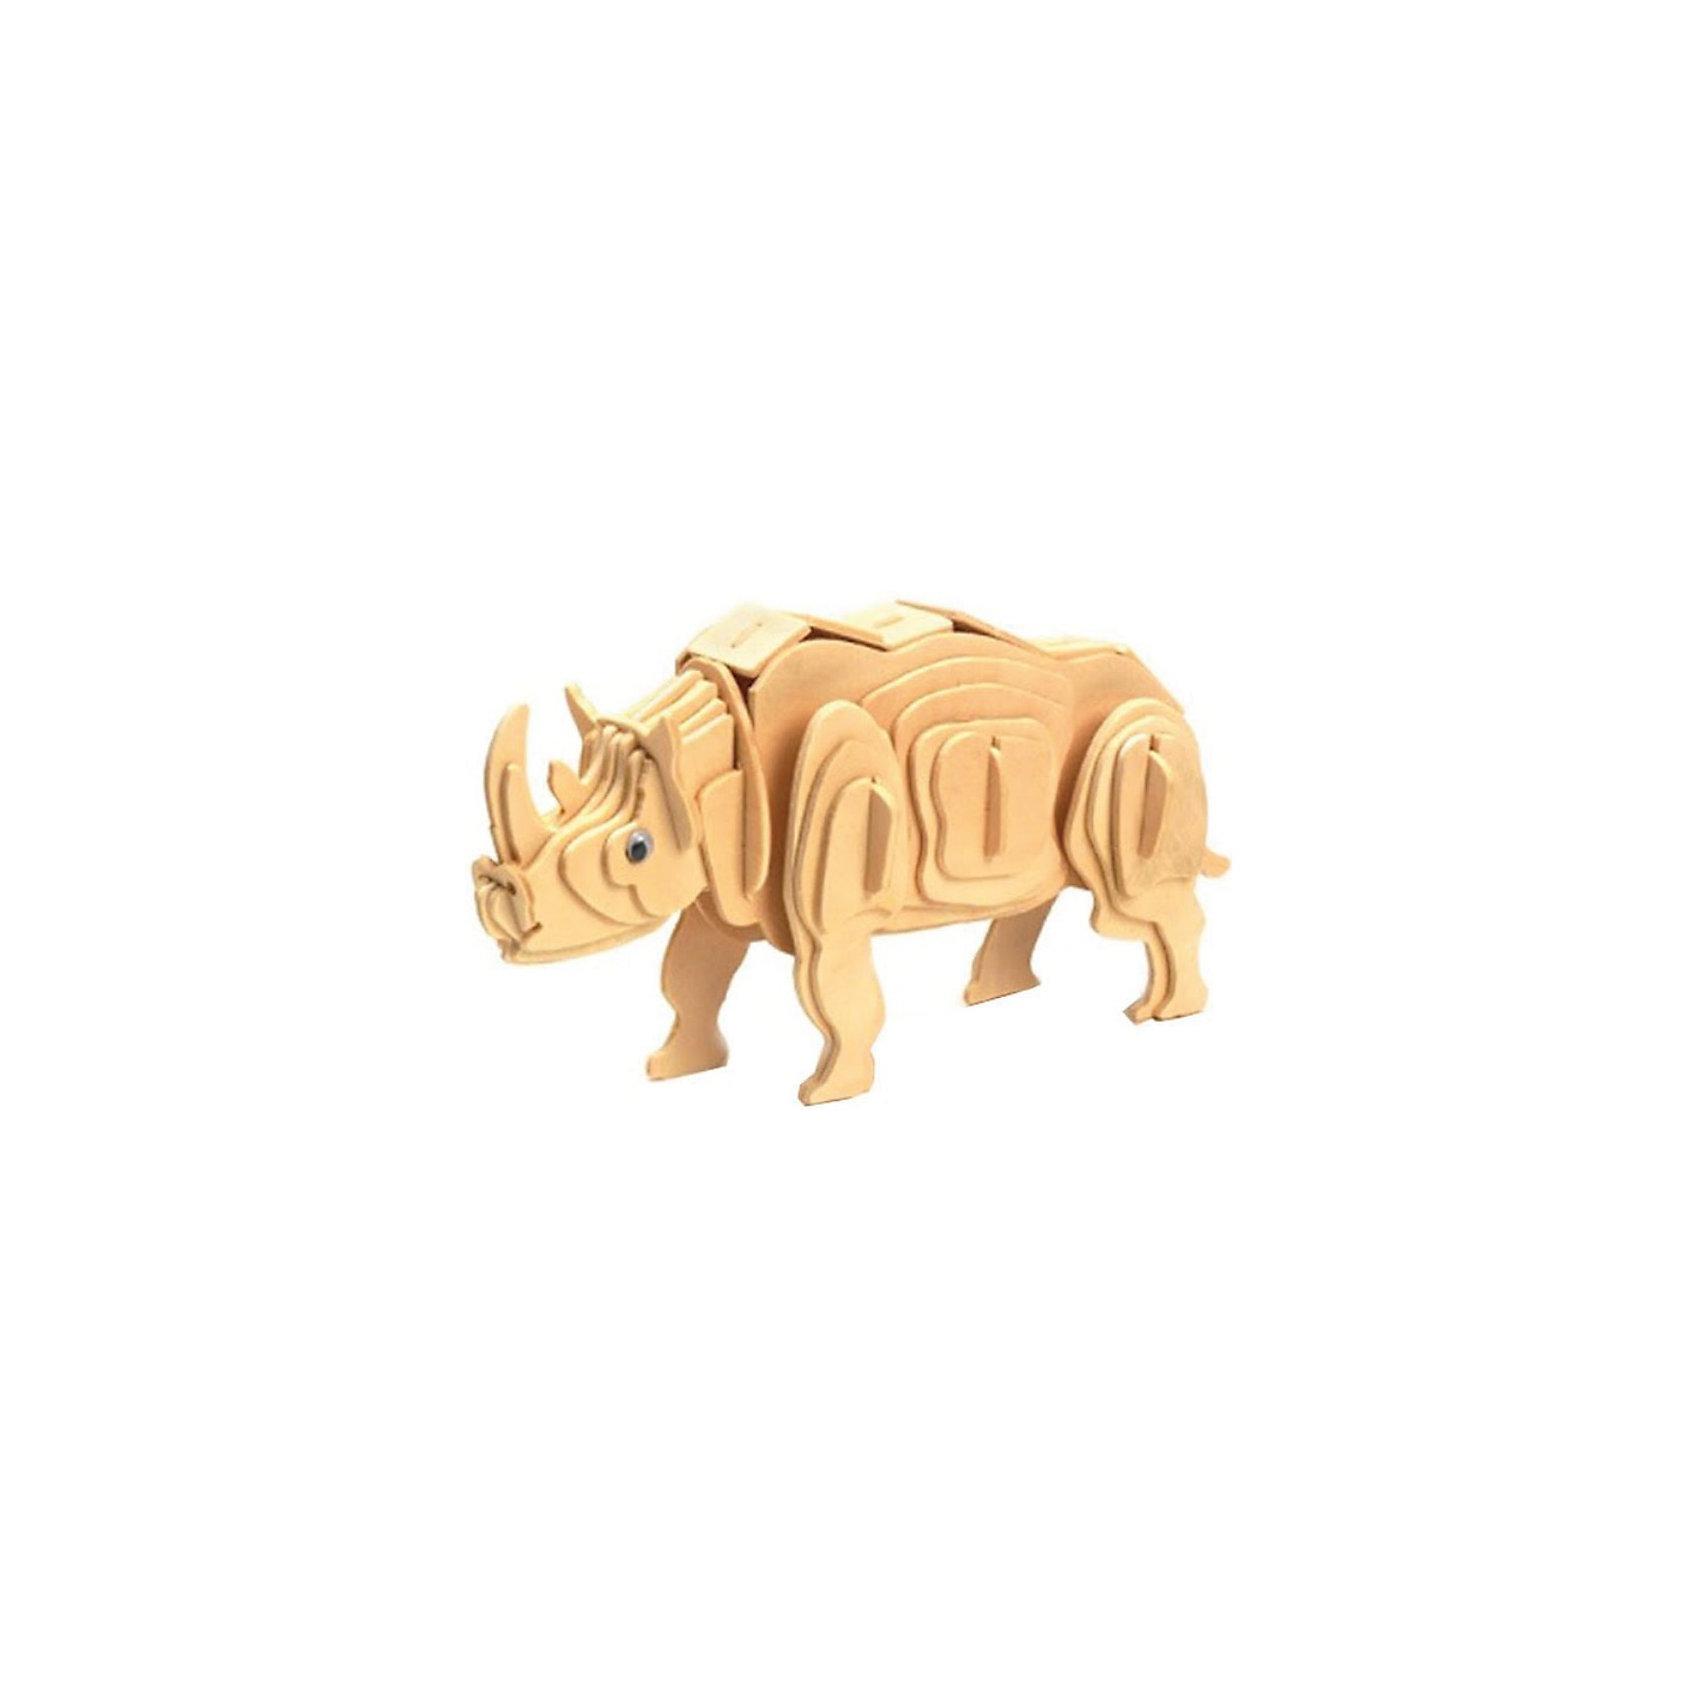 Деревянный пазл 3D Носорог, Educational LineУникальный деревянный 3D пазл Носорог от Educational Line будет интересен и детям и их родителям. С помощью входящих в набор деревянных деталей Вы сможете своими руками собрать необычный  сувенир - объемную фигуру носорога. Сборка объемных 3D пазлов не требует инструментов, детали просто выдавливаются из пластины и закрепляются в пазах в порядке и очередности нумерации, согласно прилагаемой схемы (сначала 1-1, затем 2-2, 3-3 и т.д.). В комплект входит подробная инструкция по сборке. <br><br>Для прочности детали пазла можно предварительно проклеить клеем, а готовую модель раскрасить и покрыть лаком (в комплект не входит). <br><br>Дополнительная информация:<br><br>- Материал: дерево.<br>- Количество деталей: 25.  <br>- Размер упаковки: 19 x 23 x 0,6 см.<br>- Вес: 142 гр.<br><br>Сборка пазла развивает у ребенка логическое мышление, воображение, усидчивость и аккуратность, тренирует мелкую моторику рук.<br><br>Деревянный пазл 3D Носорог Educational Line можно купить в нашем интернет-магазине.<br><br>Ширина мм: 2<br>Глубина мм: 18<br>Высота мм: 20<br>Вес г: 300<br>Возраст от месяцев: 60<br>Возраст до месяцев: 1188<br>Пол: Унисекс<br>Возраст: Детский<br>Количество деталей: 38<br>SKU: 3620581